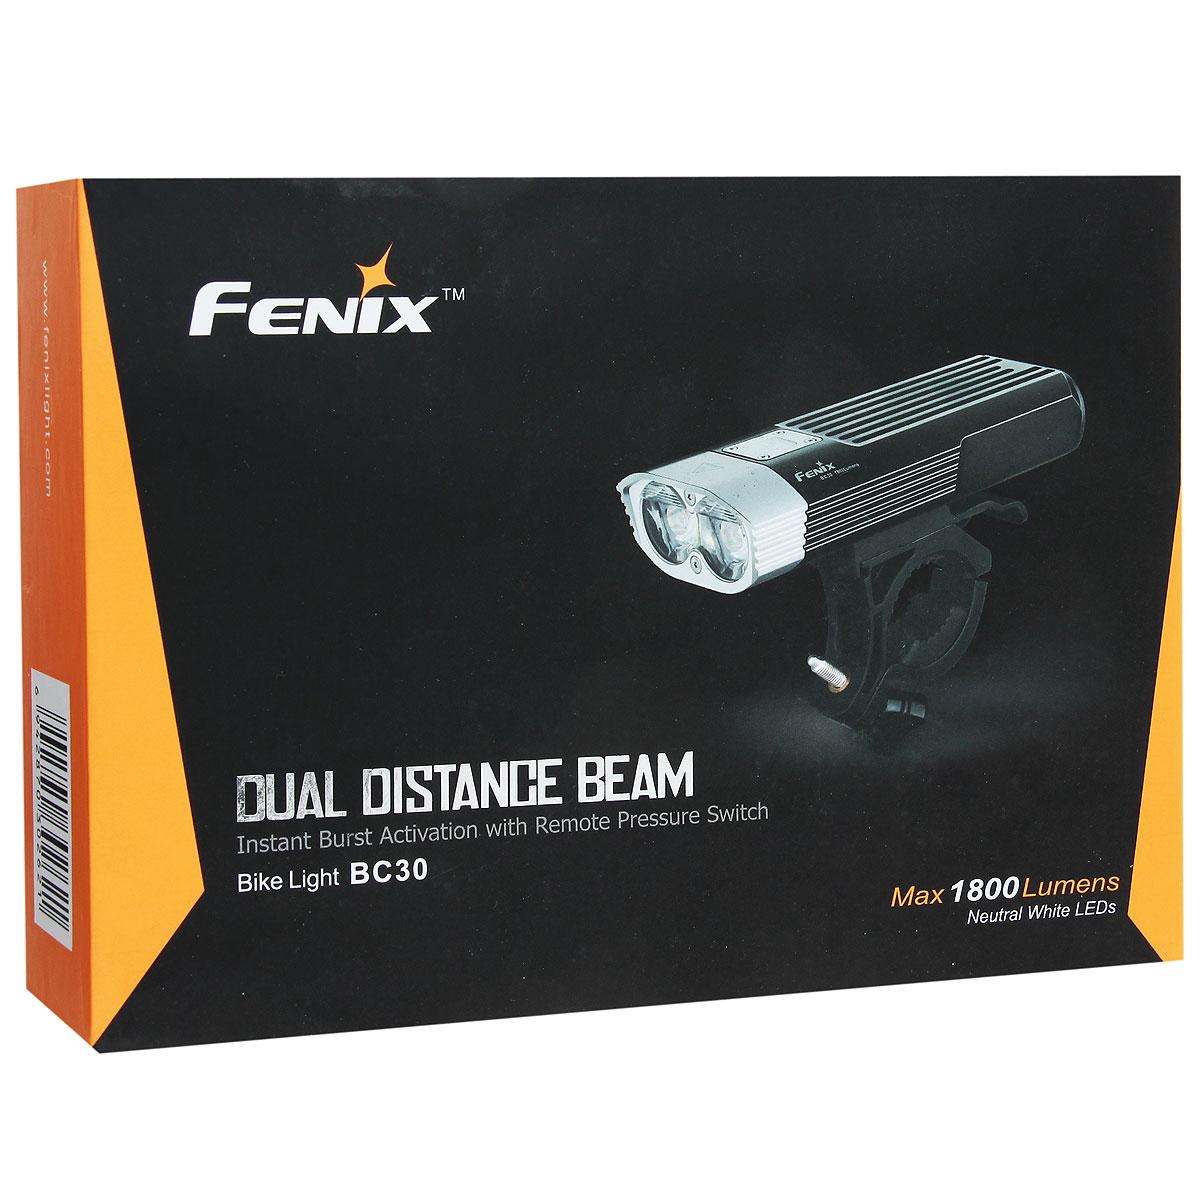 Компания Fenix предлагает велофару Fenix BC30, которая рассчитана на пользователей особенно требовательных к качеству ночного освещения. В сумме два встроенных диода Cree XM-L дают яркость света 1800 люмен. На усмотрение пользователя можно установить 1 из режимов, что позволяет выбрать мощность света от 100 до 1800 люмен. Дальность освещения велофары составляет 146 метров.Дополнительным преимуществом осветительного прибора является простота его крепления на руль велосипеда. Крепления, которые входят в стандартный комплект, рассчитаны на толщину руля от 2 до 3,5 см. Отсоединить фару достаточно просто и быстро, поэтому ее можно использовать и в качестве мощного ручного фонаря.